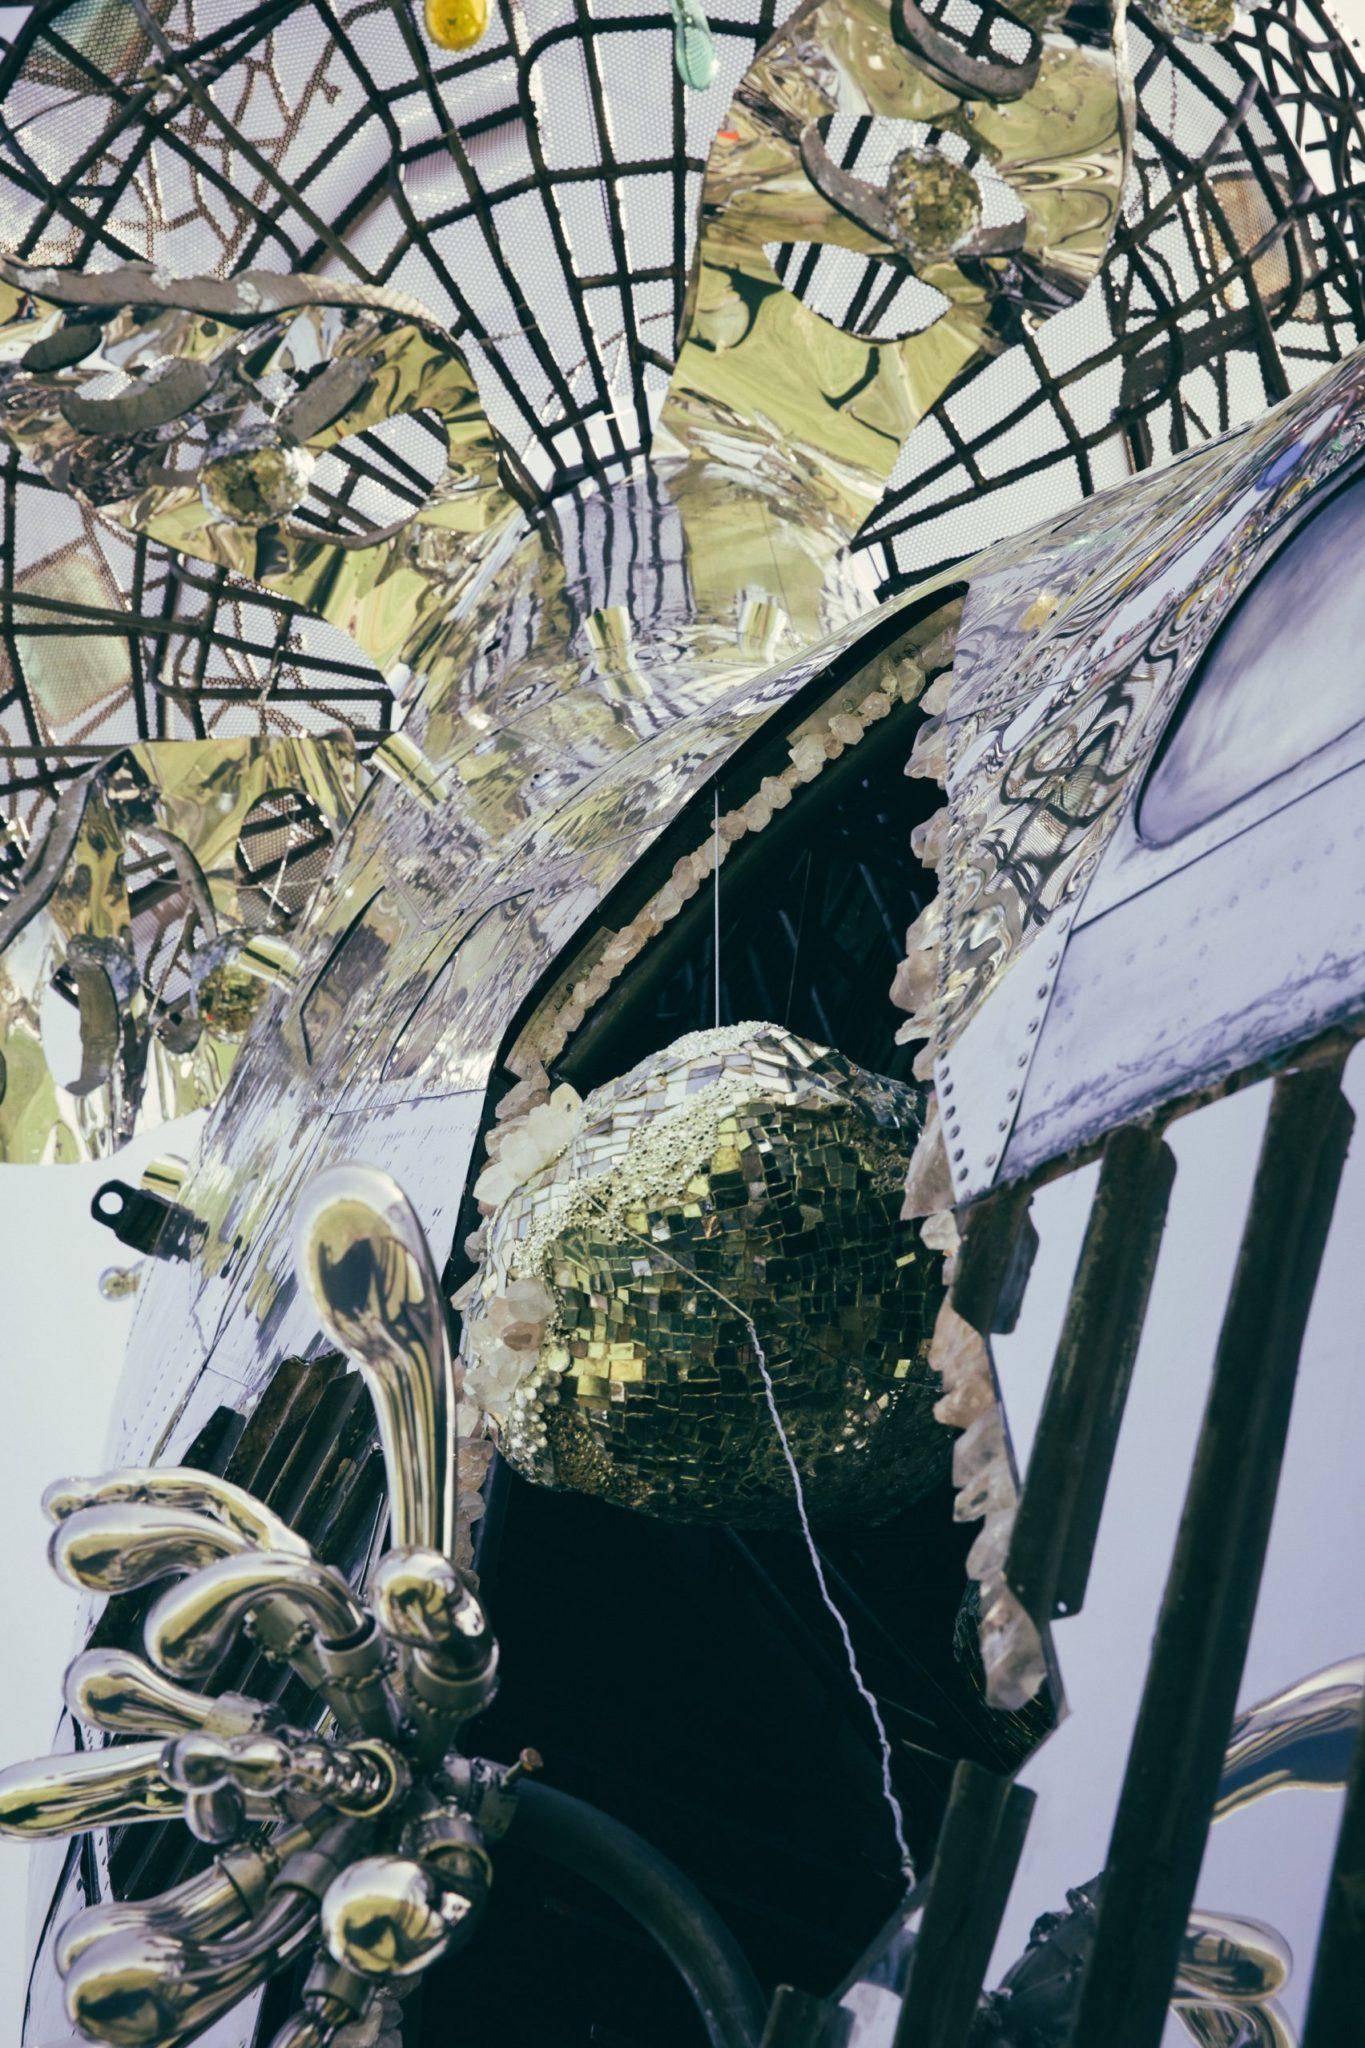 Błyszczący kadłub samolotu, kula dyskotekowa i szklana abstrakcyjna forma.